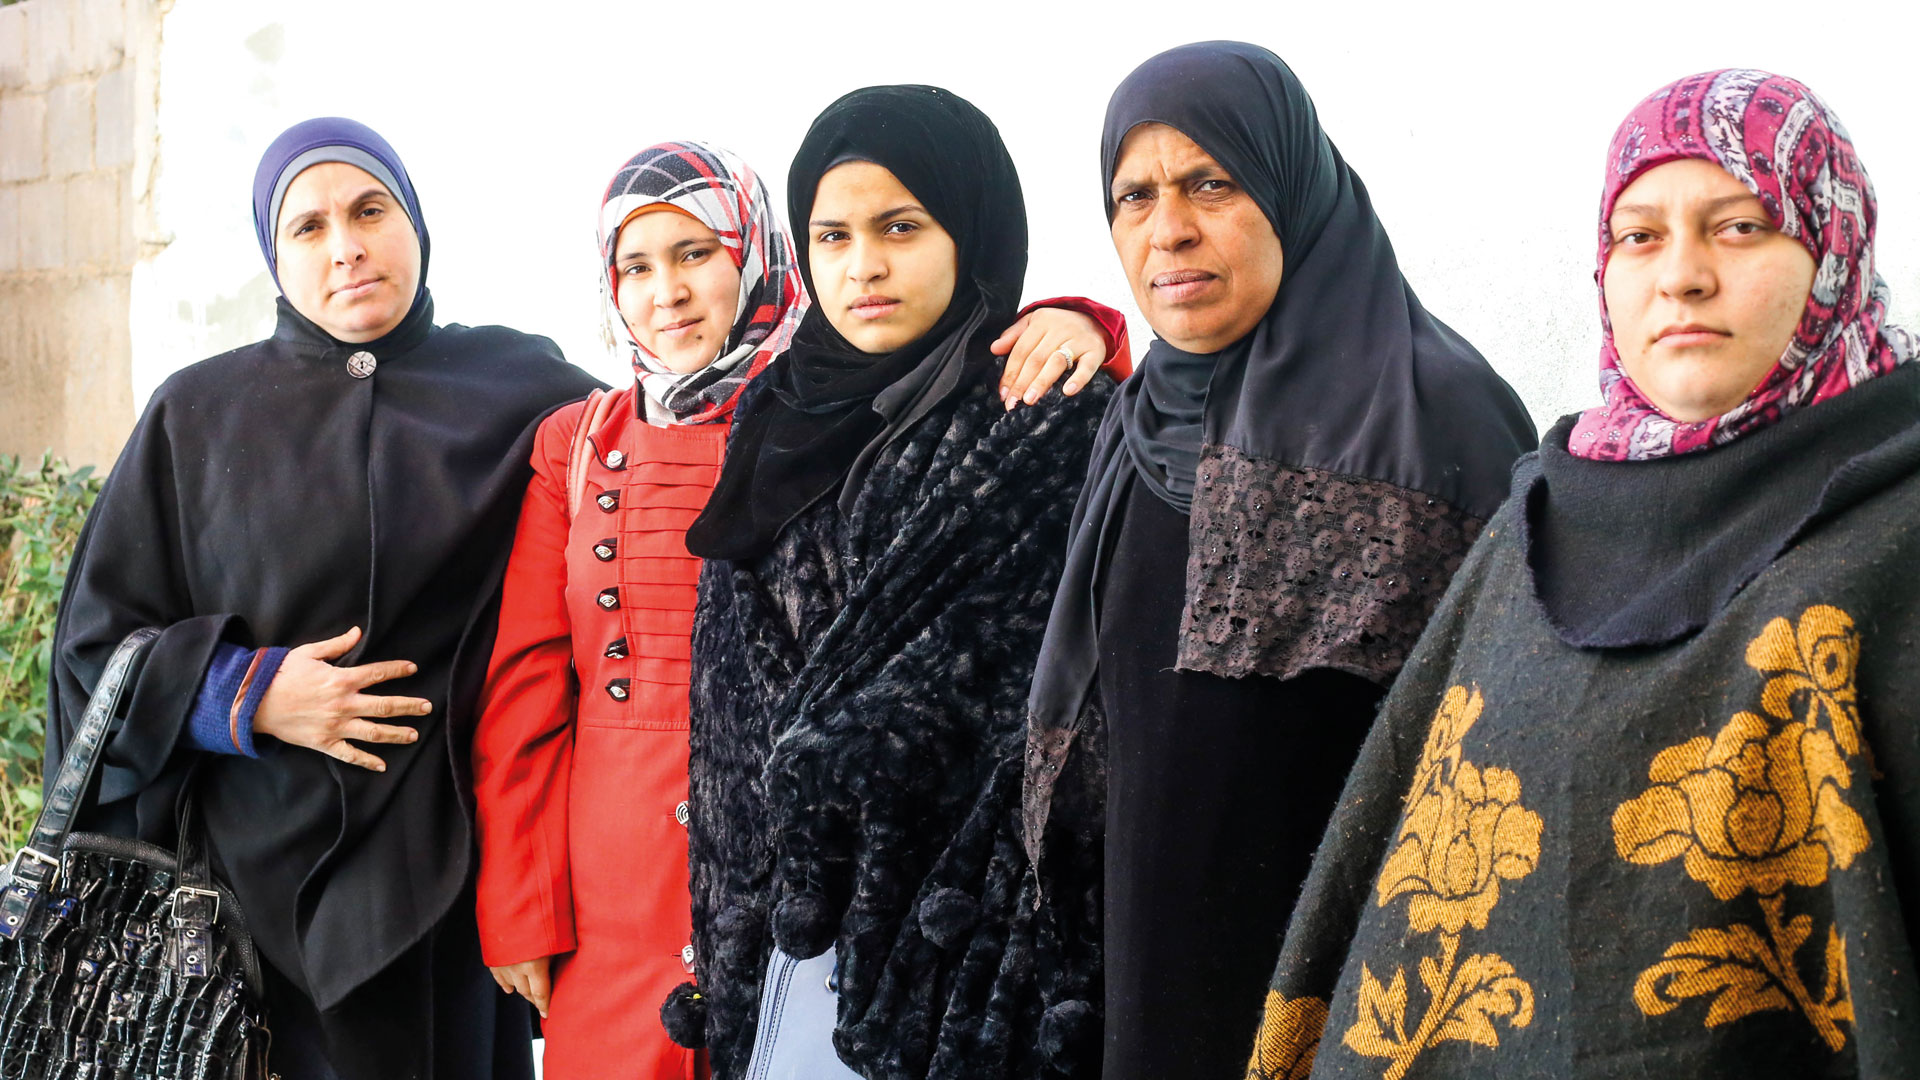 Geflüchtete Frauen in Jordanien brauchen Begleitung im Alltag